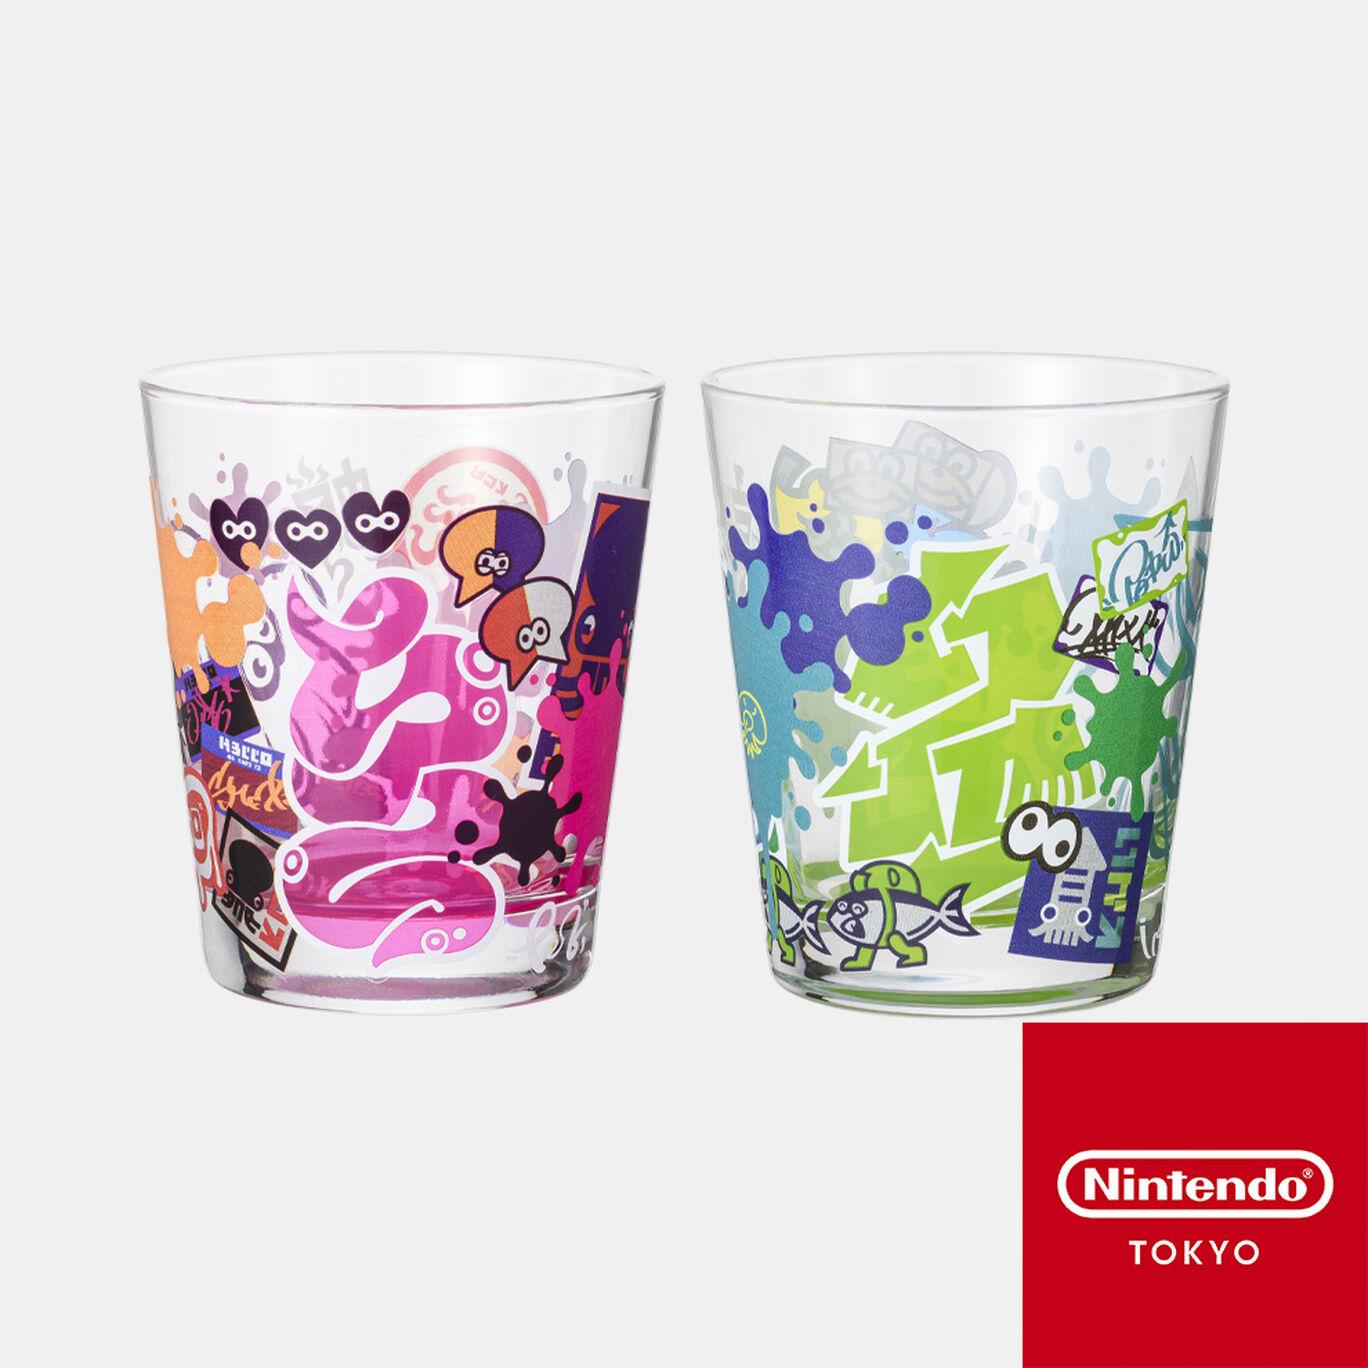 グラスセット SQUID or OCTO Splatoon【Nintendo TOKYO取り扱い商品】